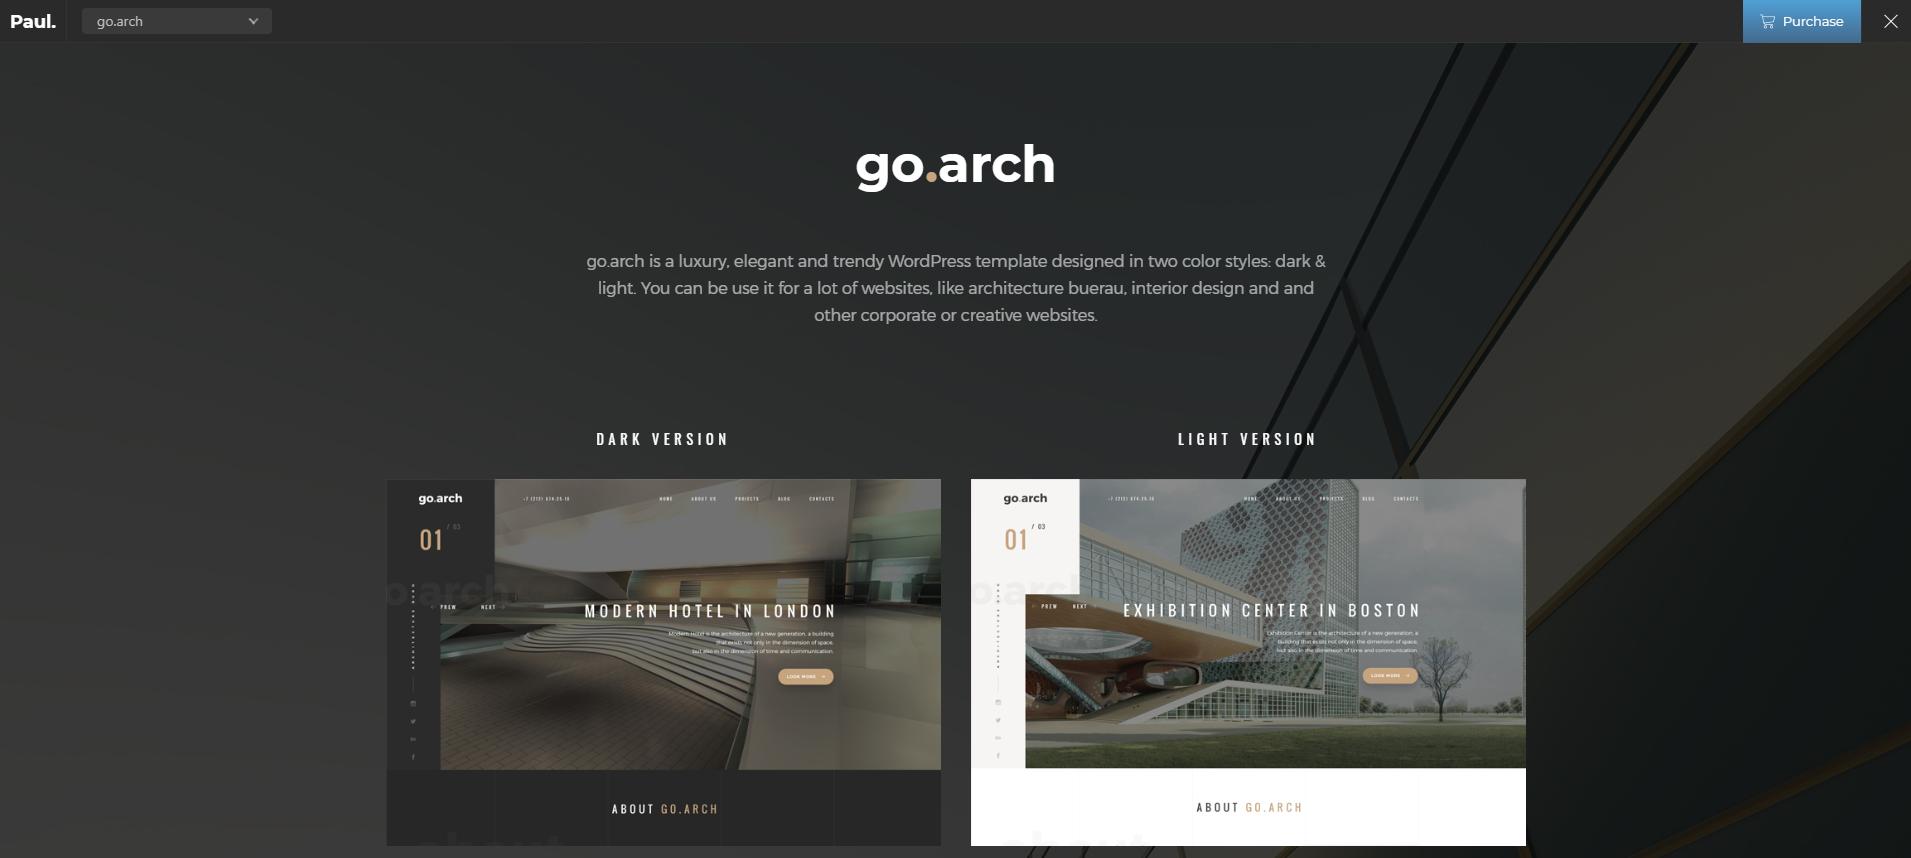 go.arch theme